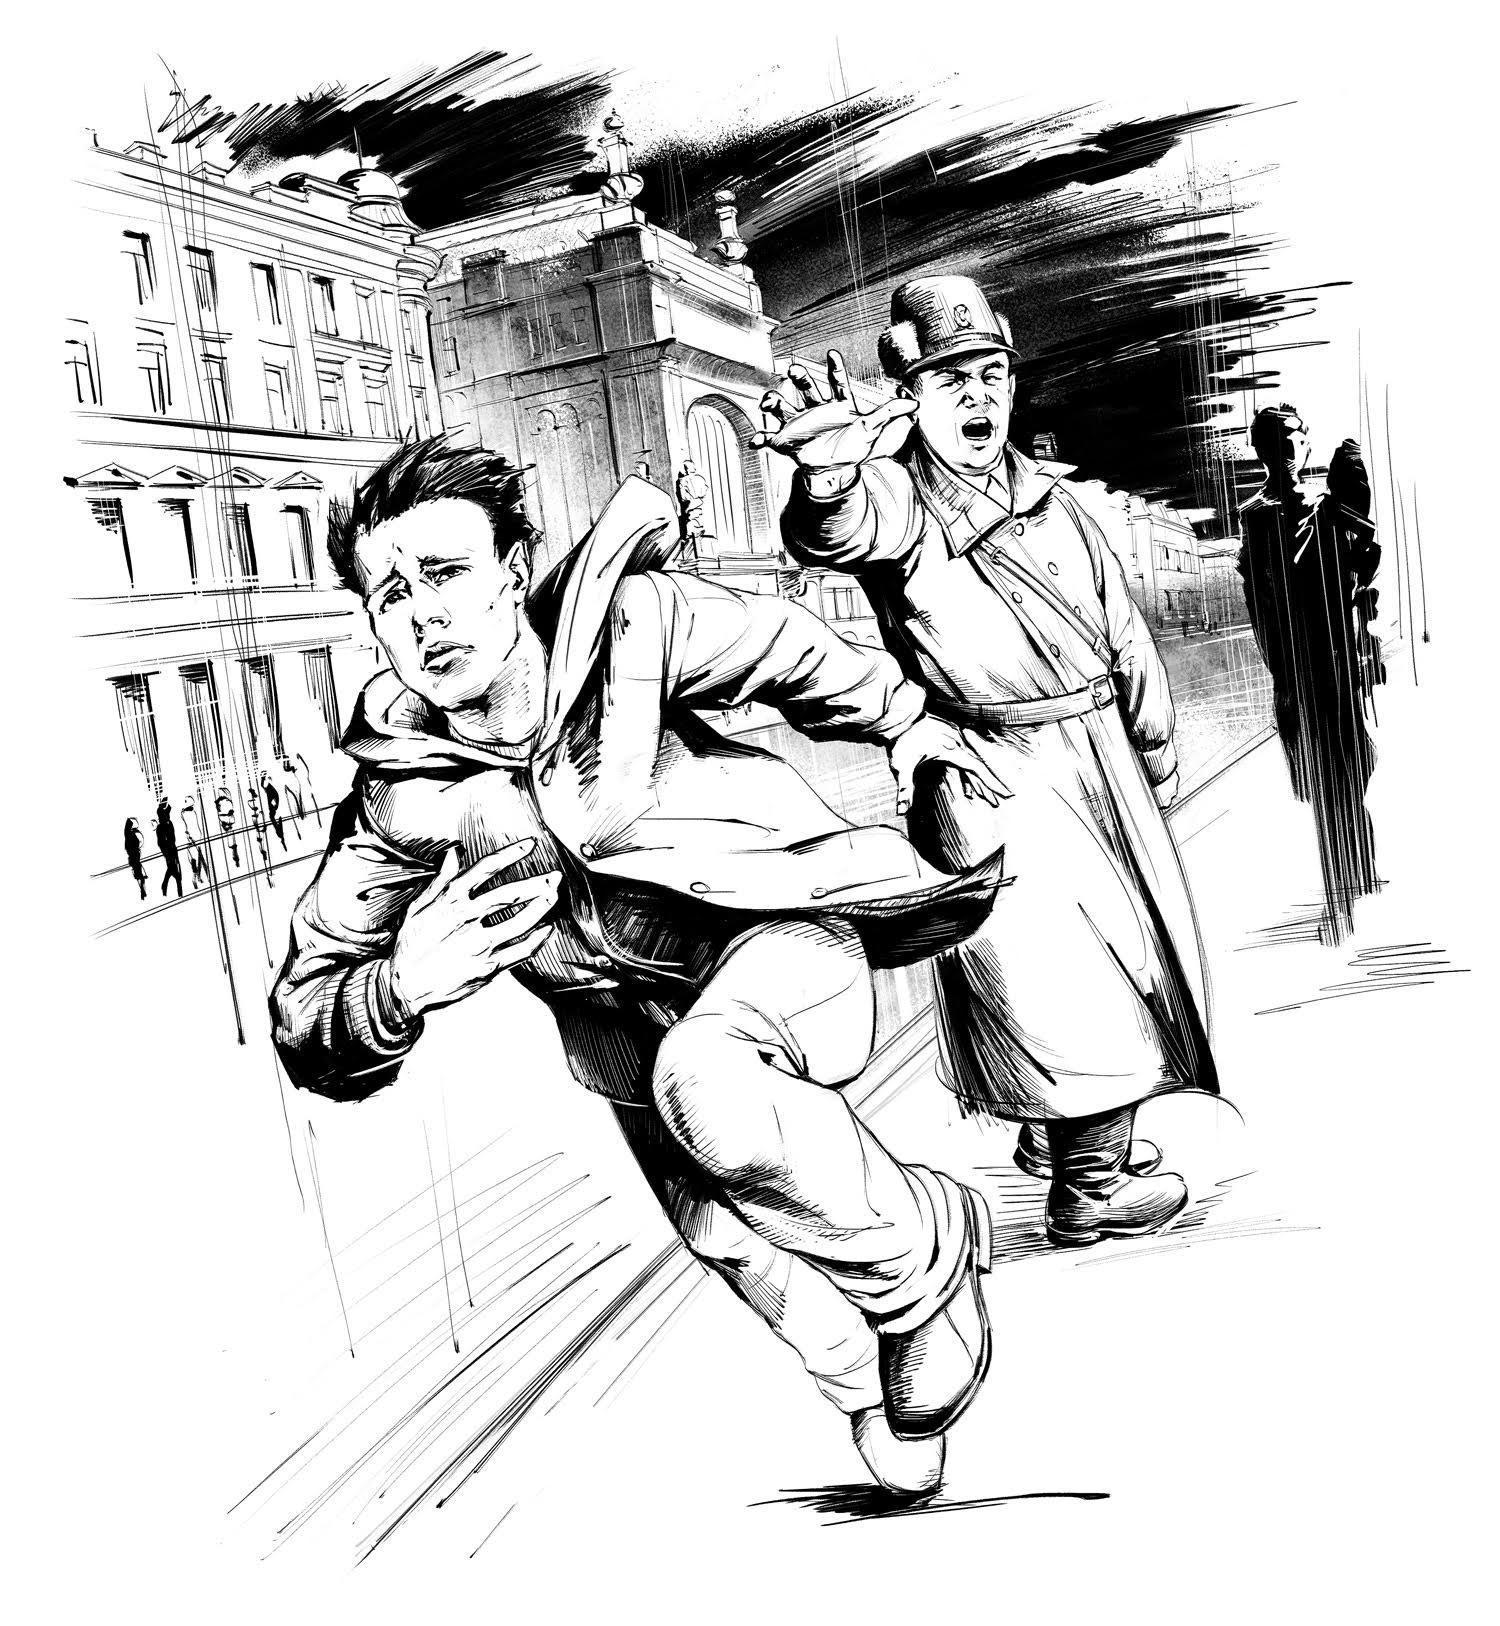 Побег от милиции []